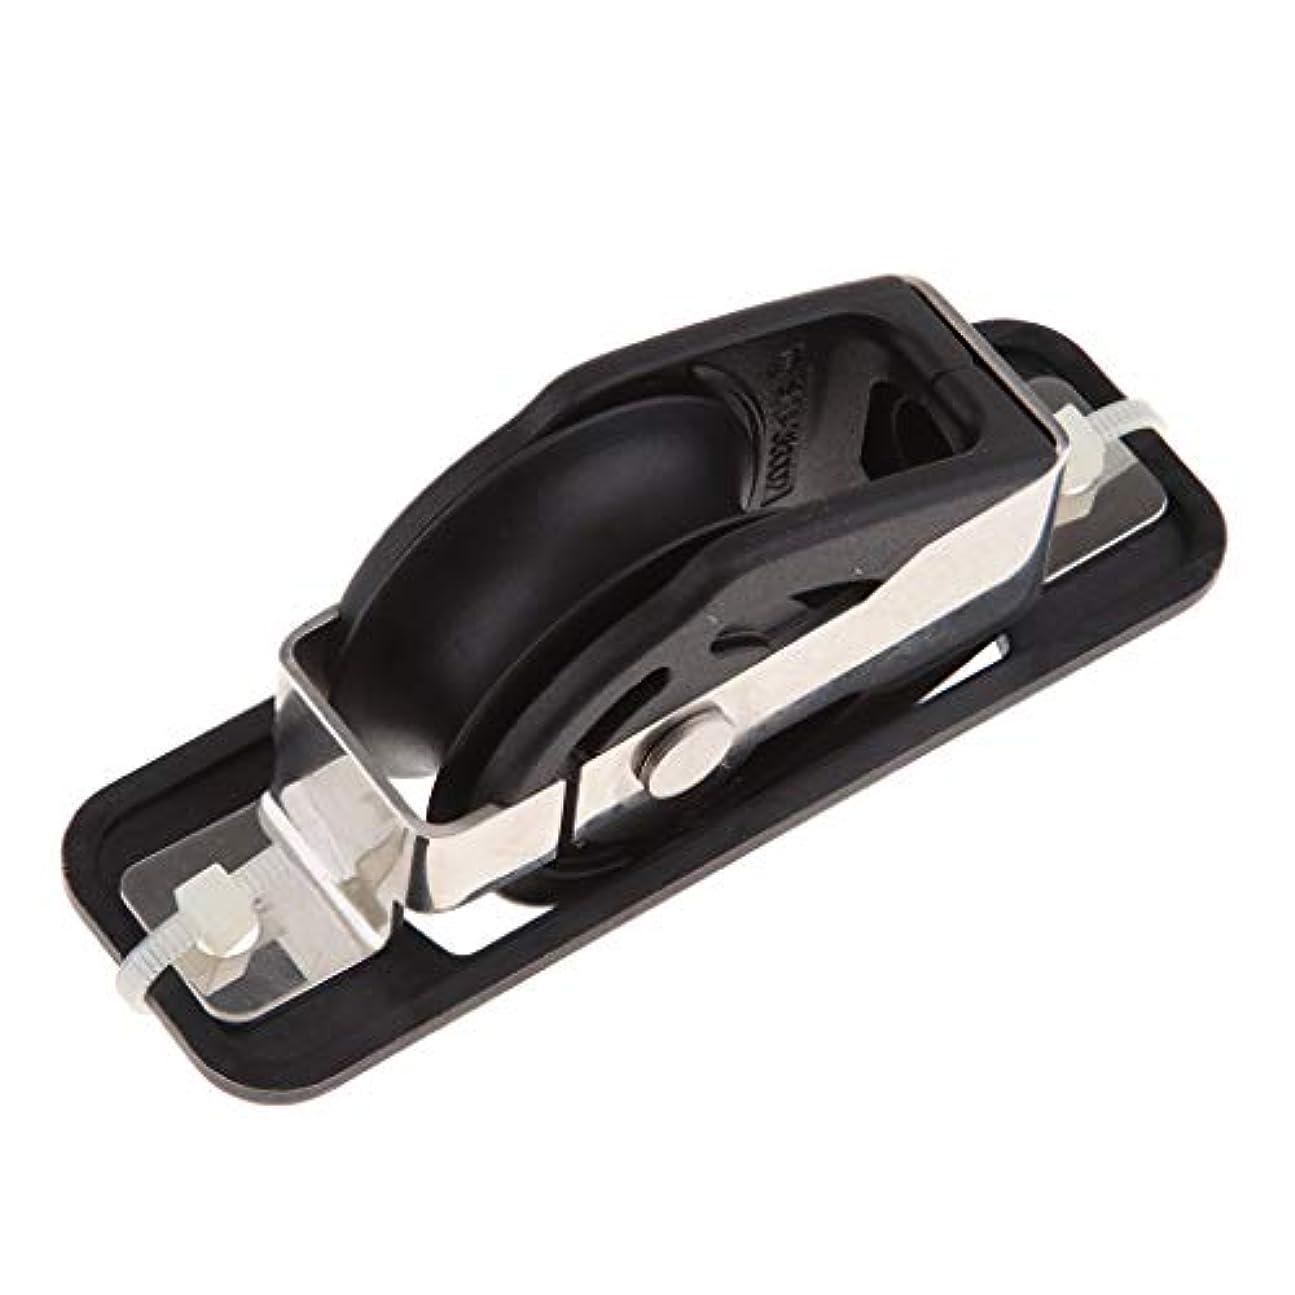 場合確保するショートF Fityle 38mm 単一 滑車軸受けヨット ブロック 高強度